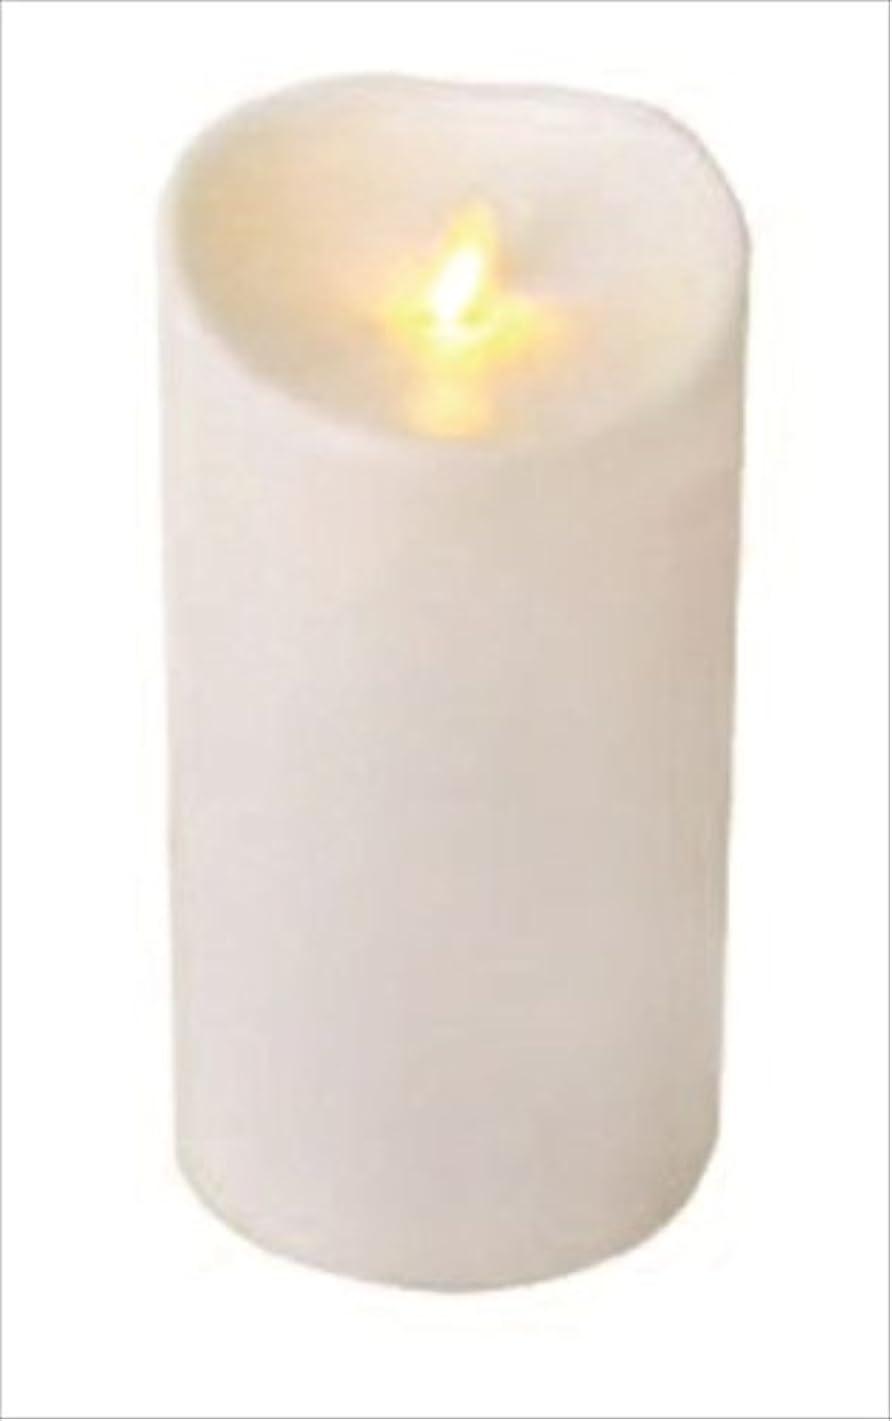 乳遠足アクロバットルミナラ(LUMINARA) LUMINARA(ルミナラ)アウトドアピラー3.75×7 「 アイボリー 」 03060000